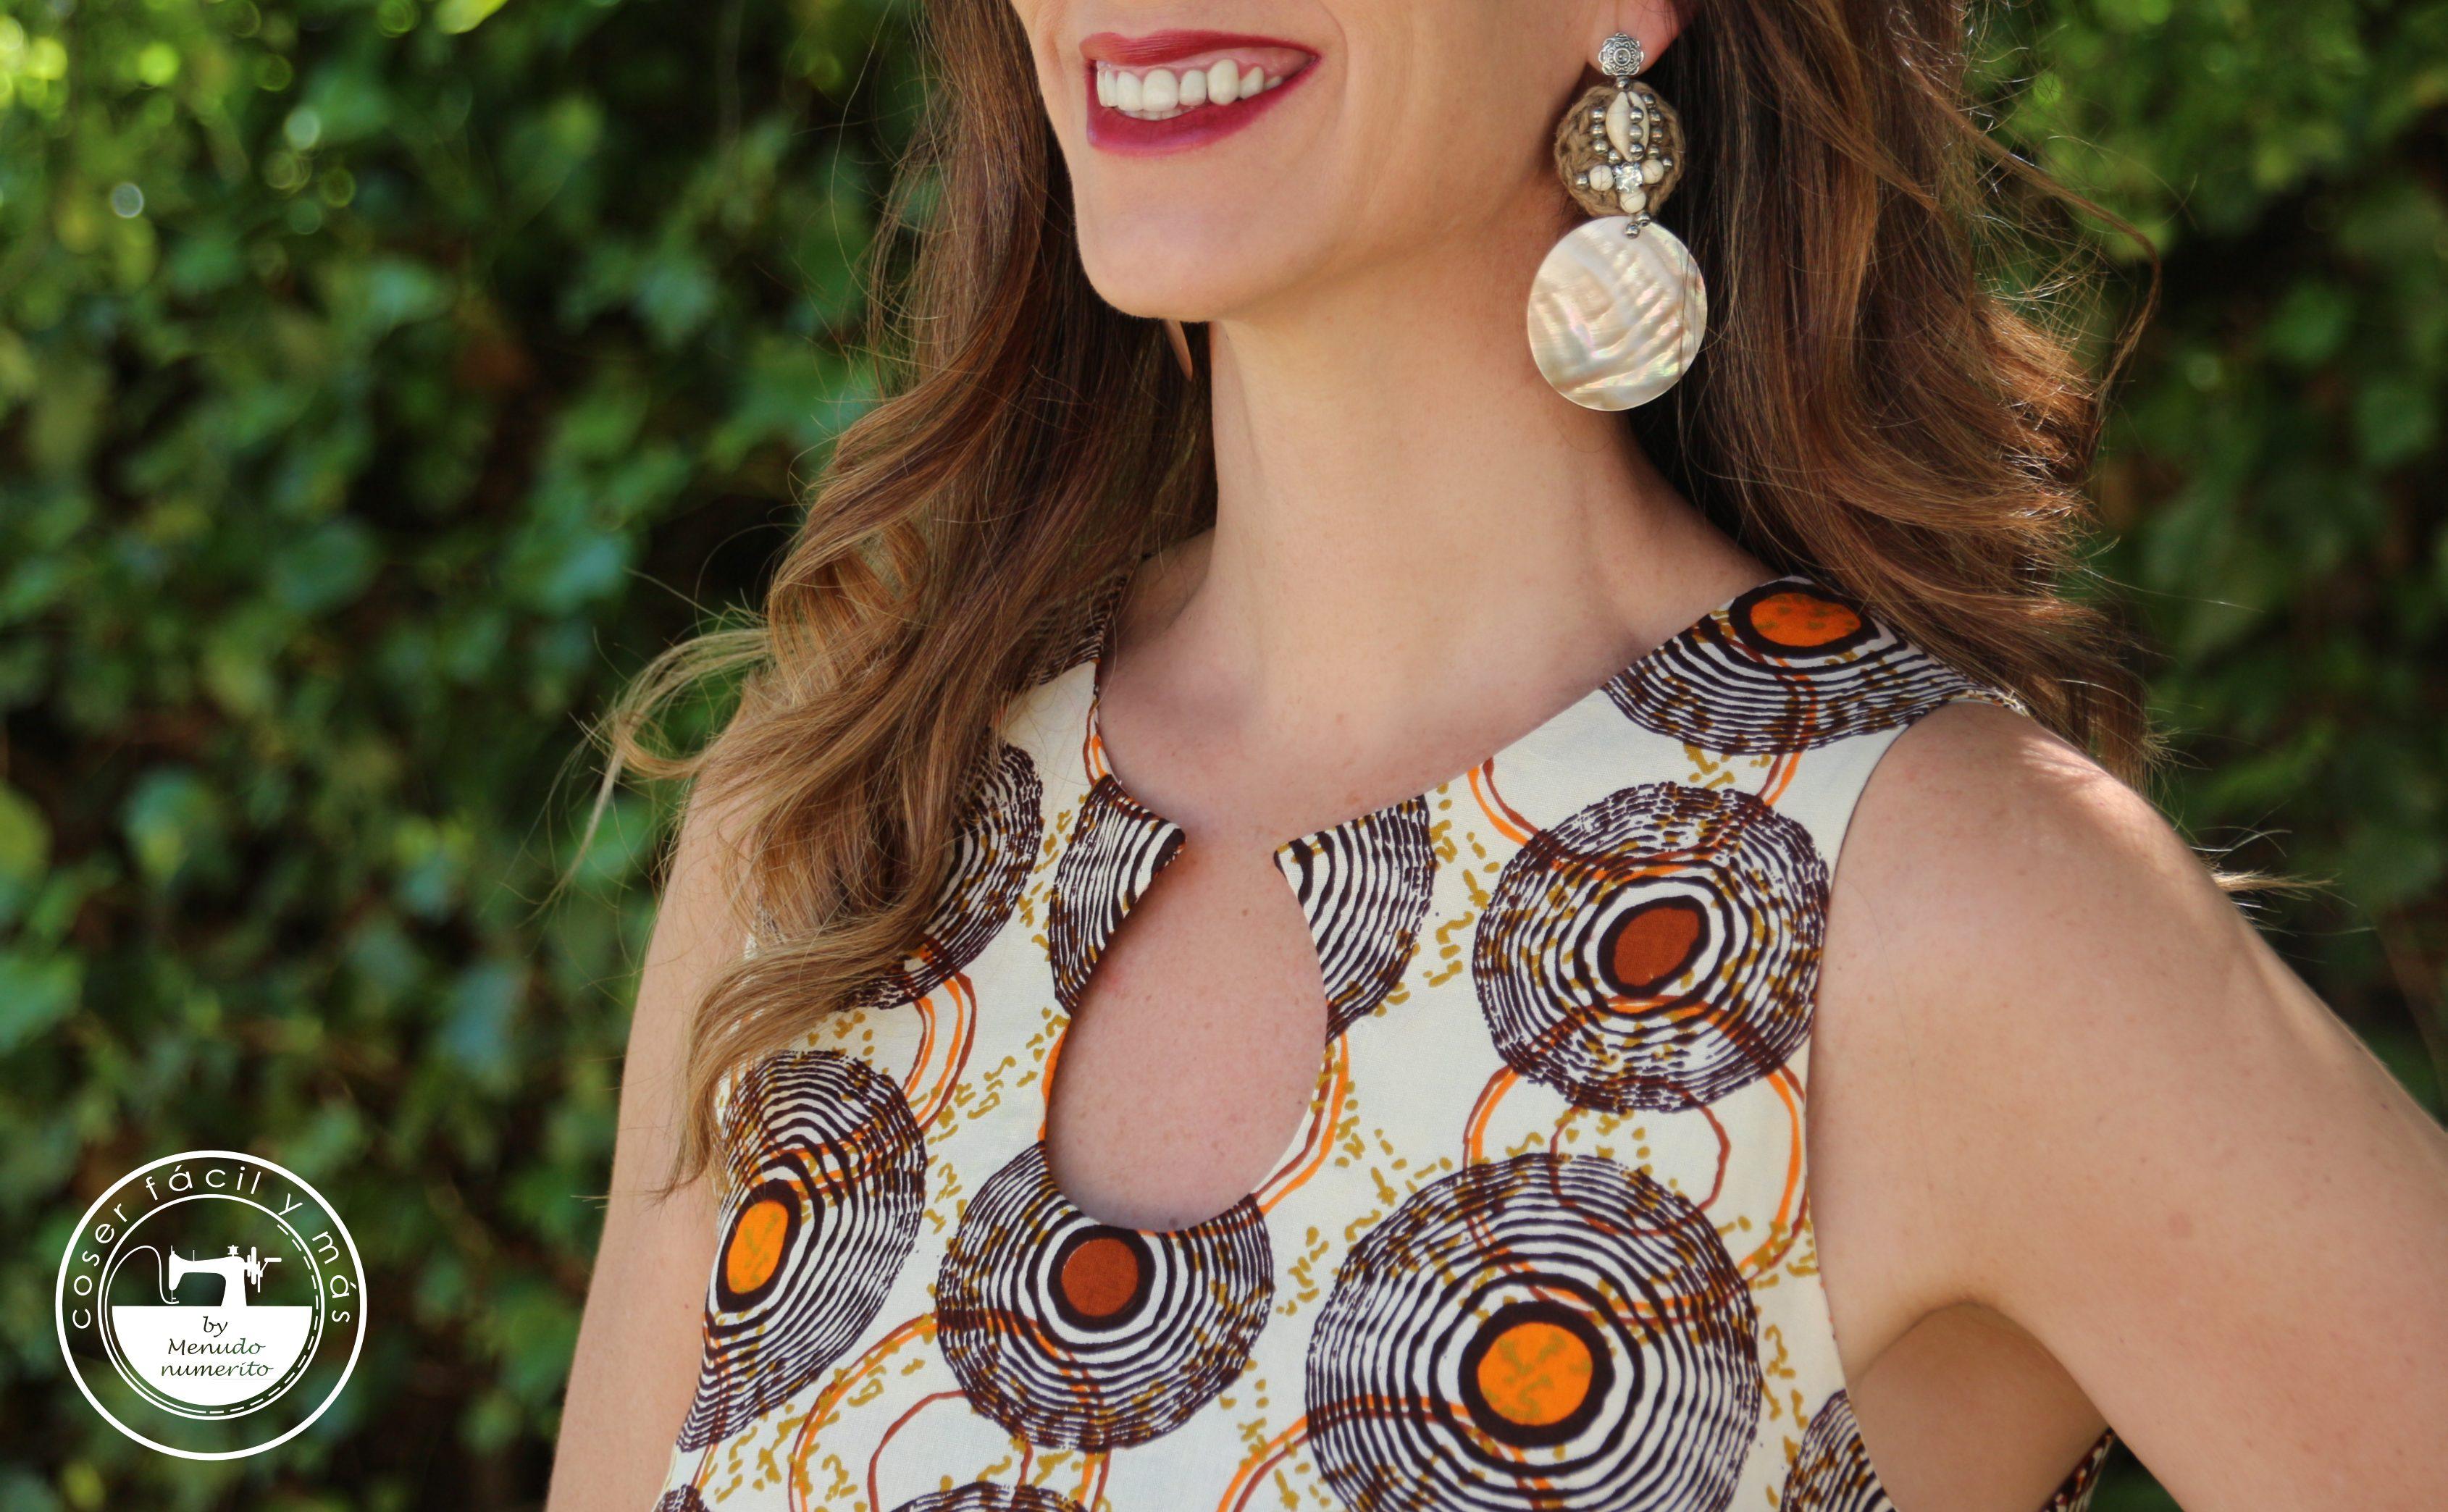 vestido con escote lagrima gota coser facil blogs de costura menudo numerito